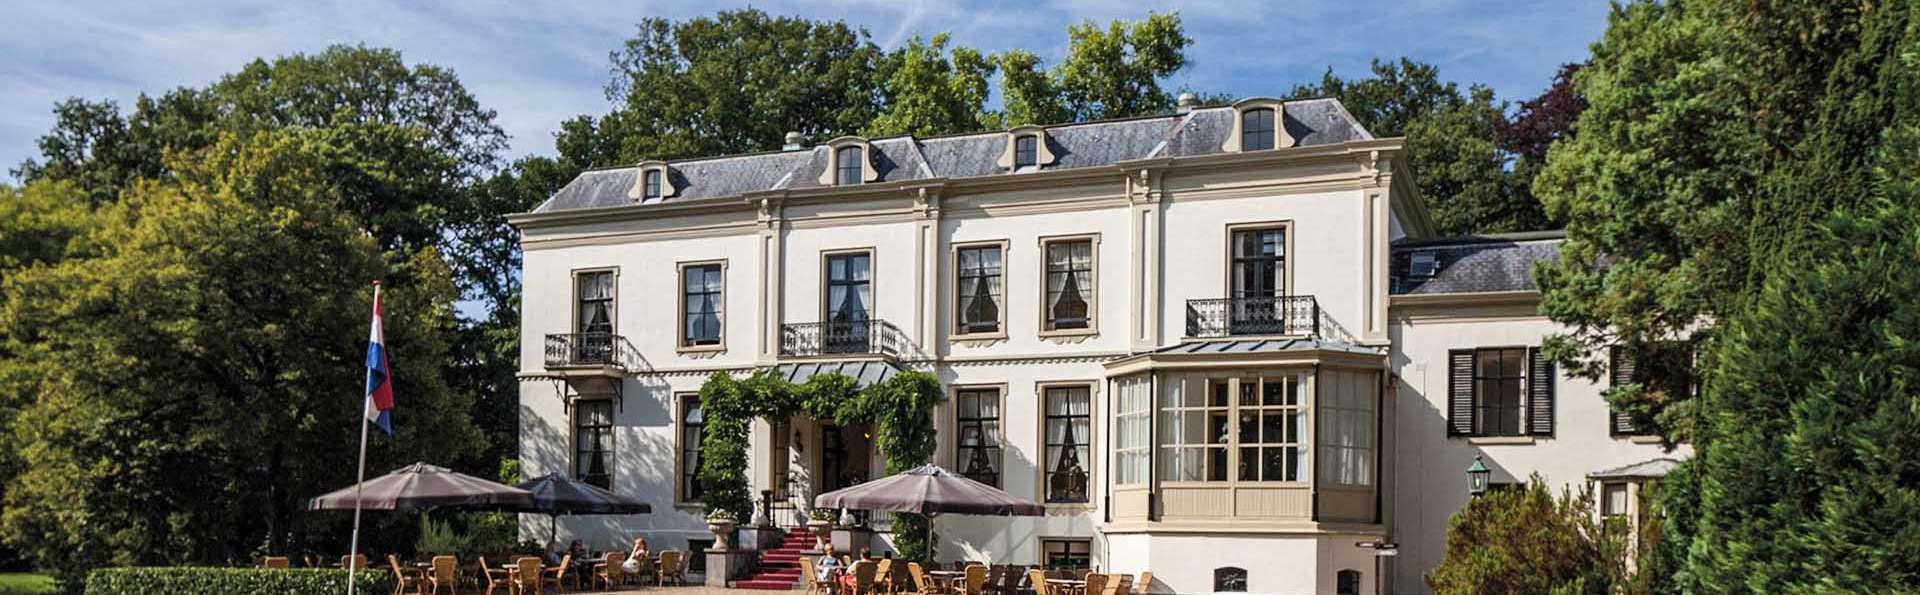 Fletcher Hotel-Landgoed Huis Te Eerbeek - EDIT_Eerbeek-Exterieur-Pand_Landhuis_pandfoto_01.jpg